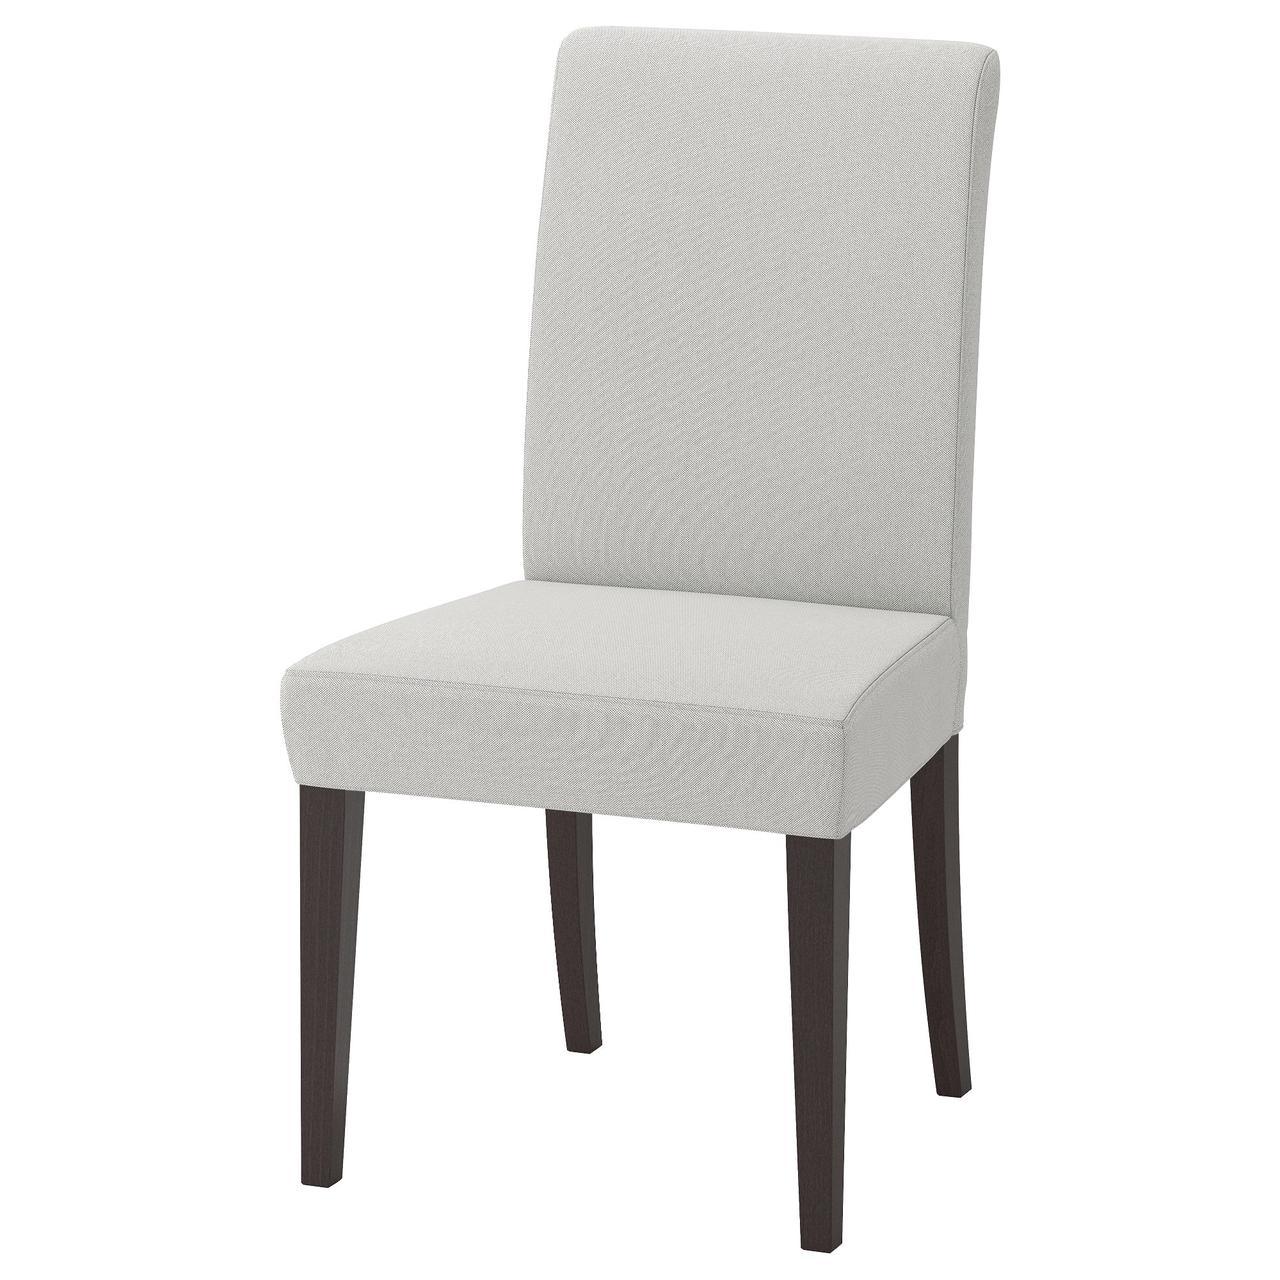 Кресло IKEA HENRIKSDAL Orrsta светло-серое 492.203.74